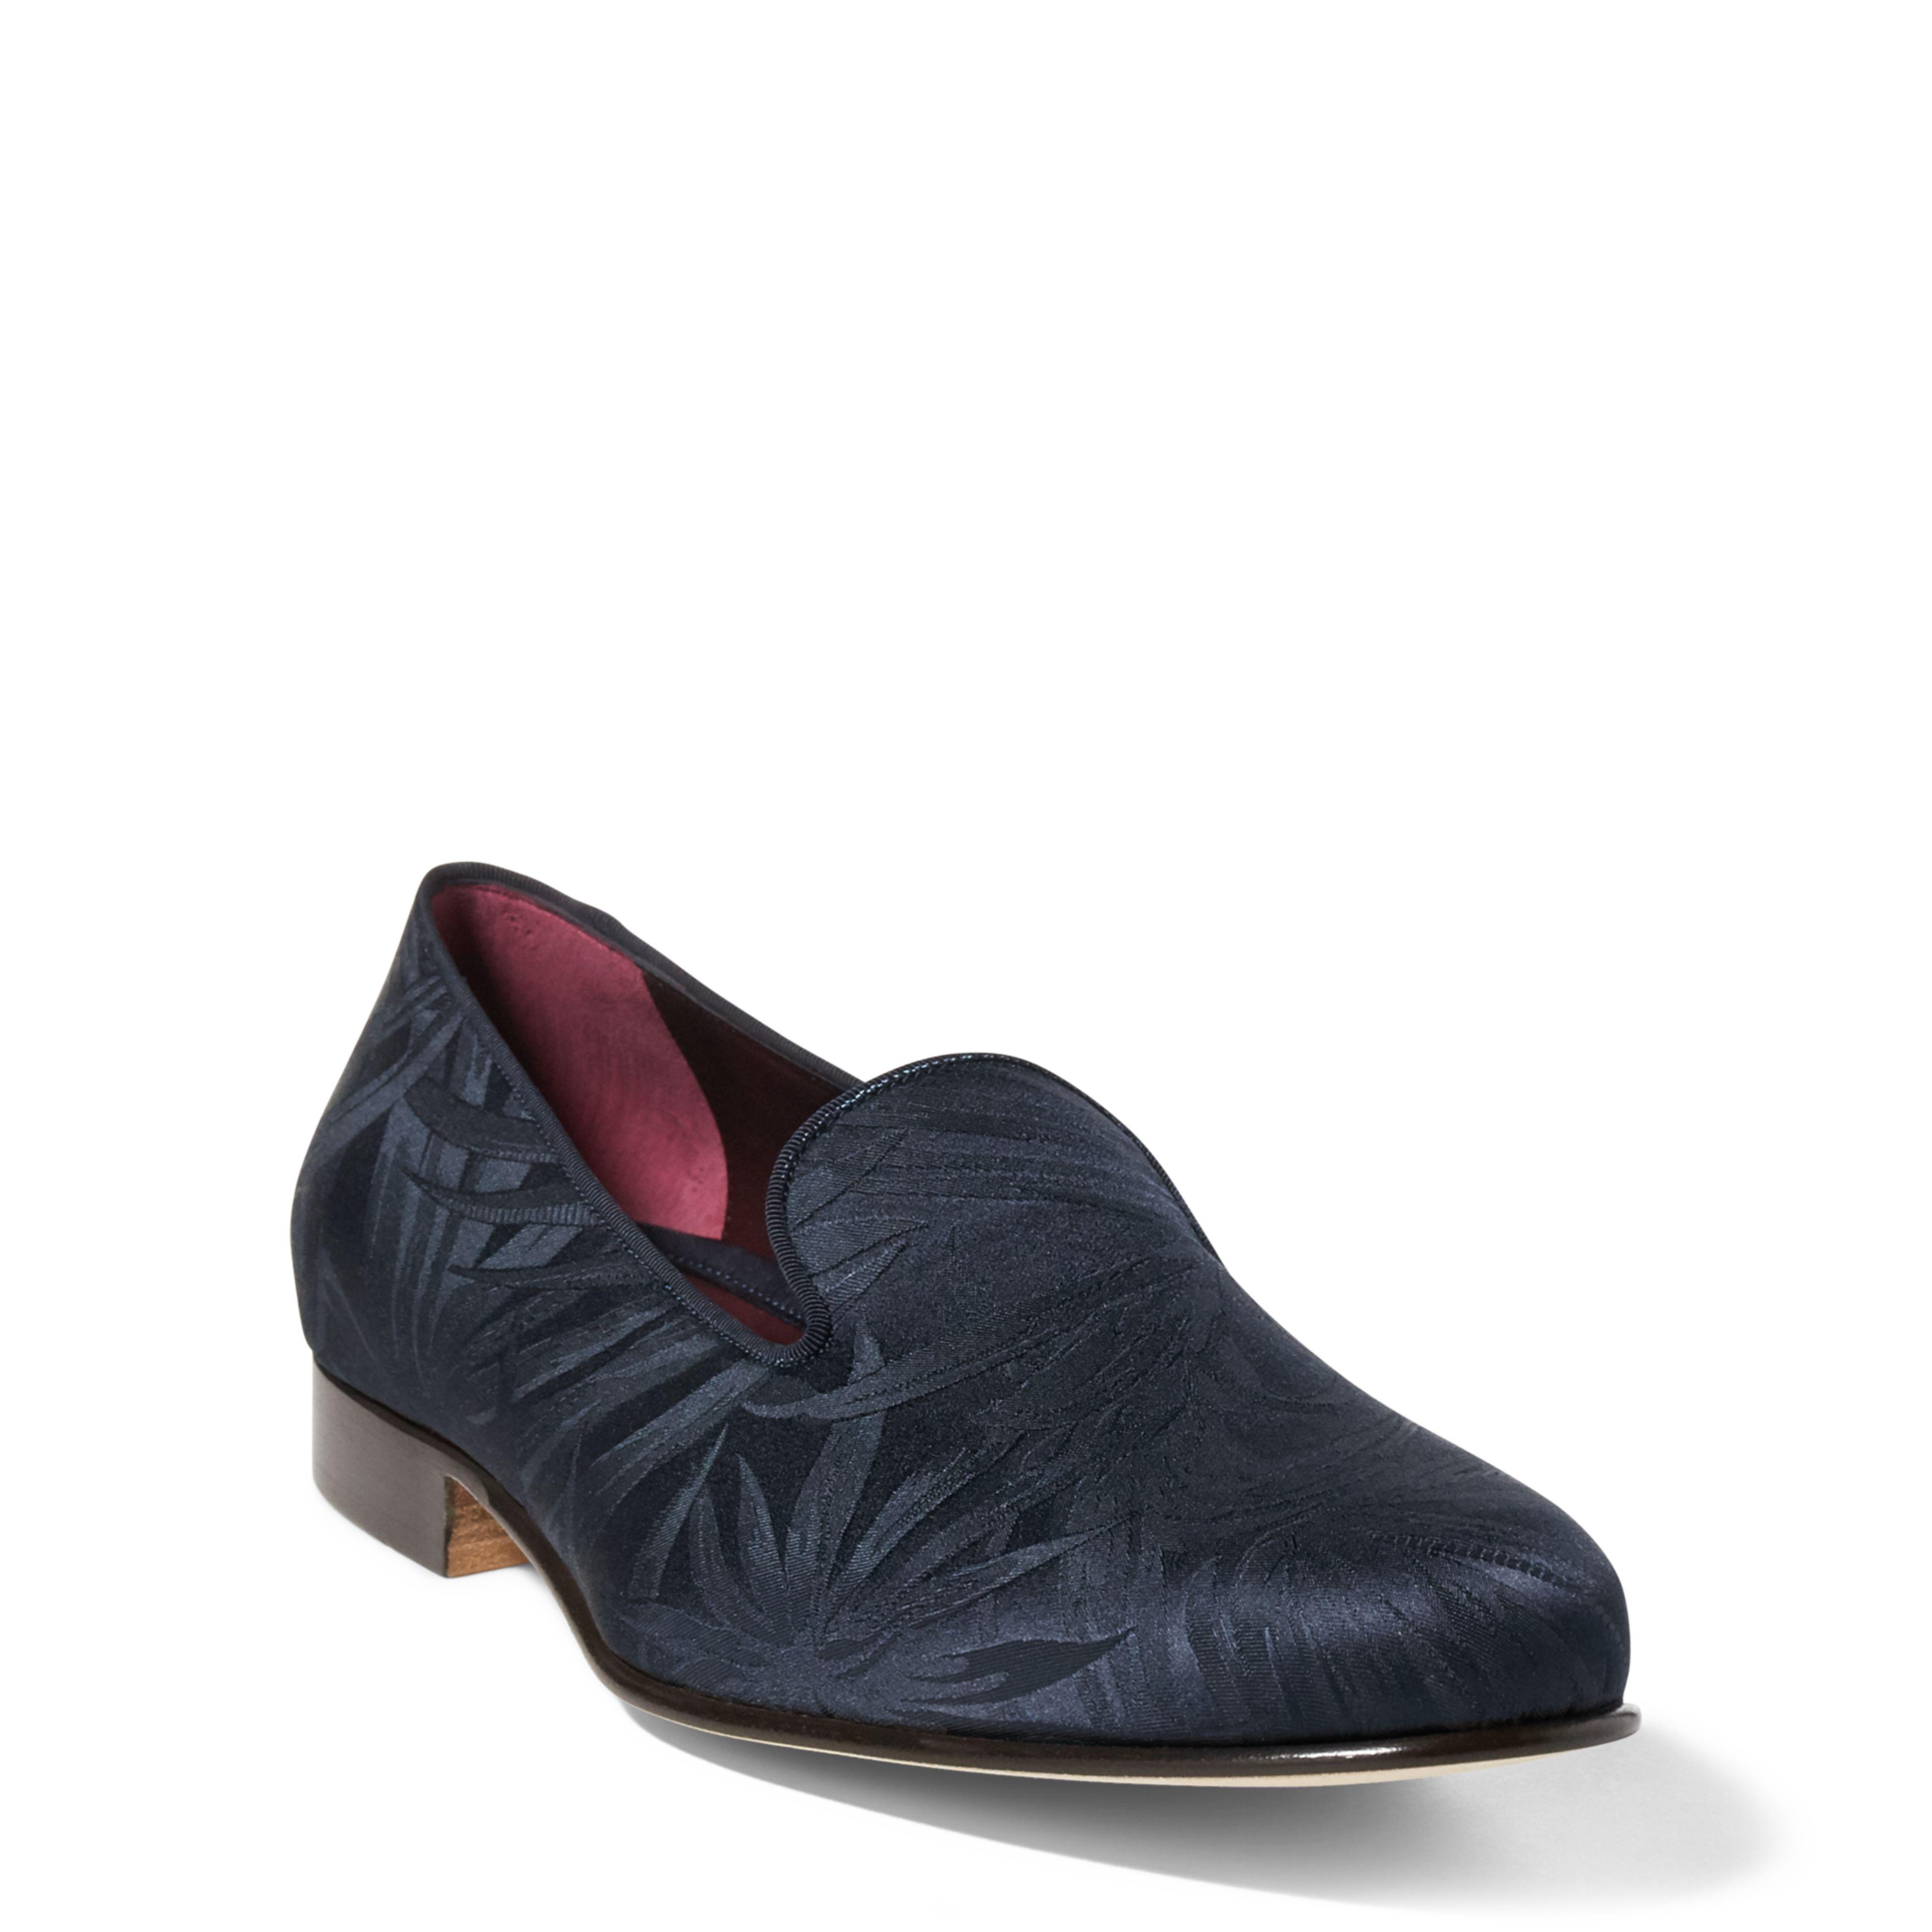 4fa5e5aceec85a https   www.lyst.com shoes ecco-oregon-retro-sneaker-3  2019-04 ...